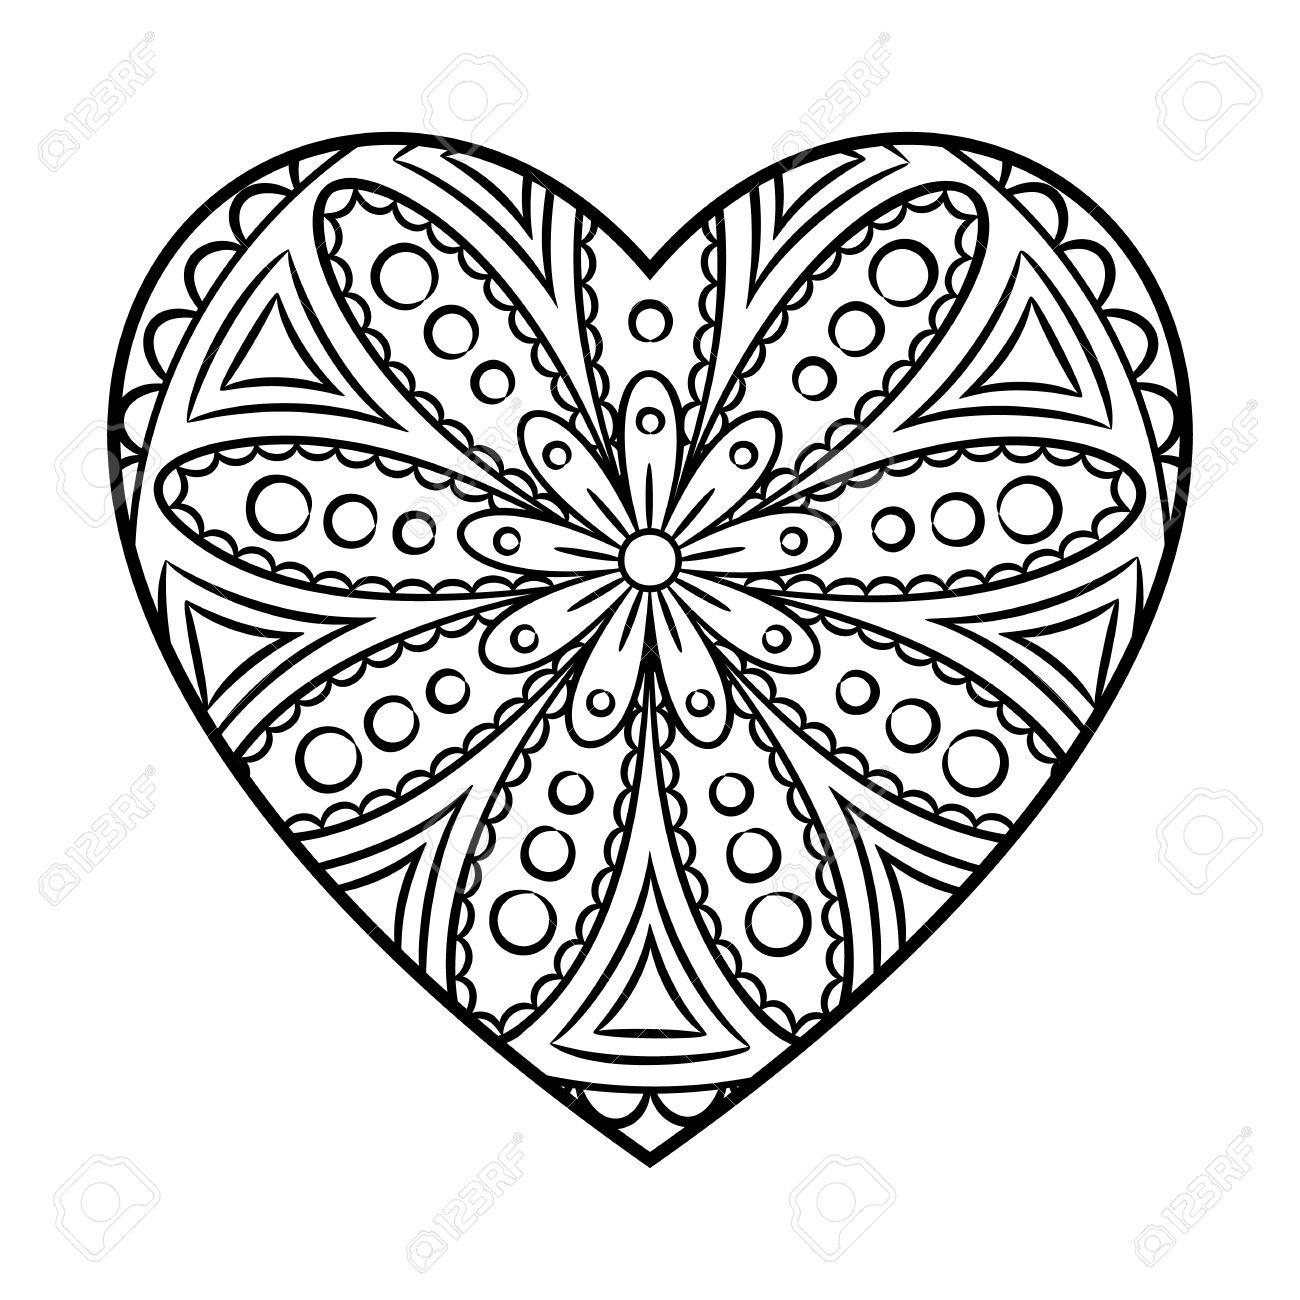 Para Colorear Mandala Del Corazón Del Doodle Esquema Elemento De